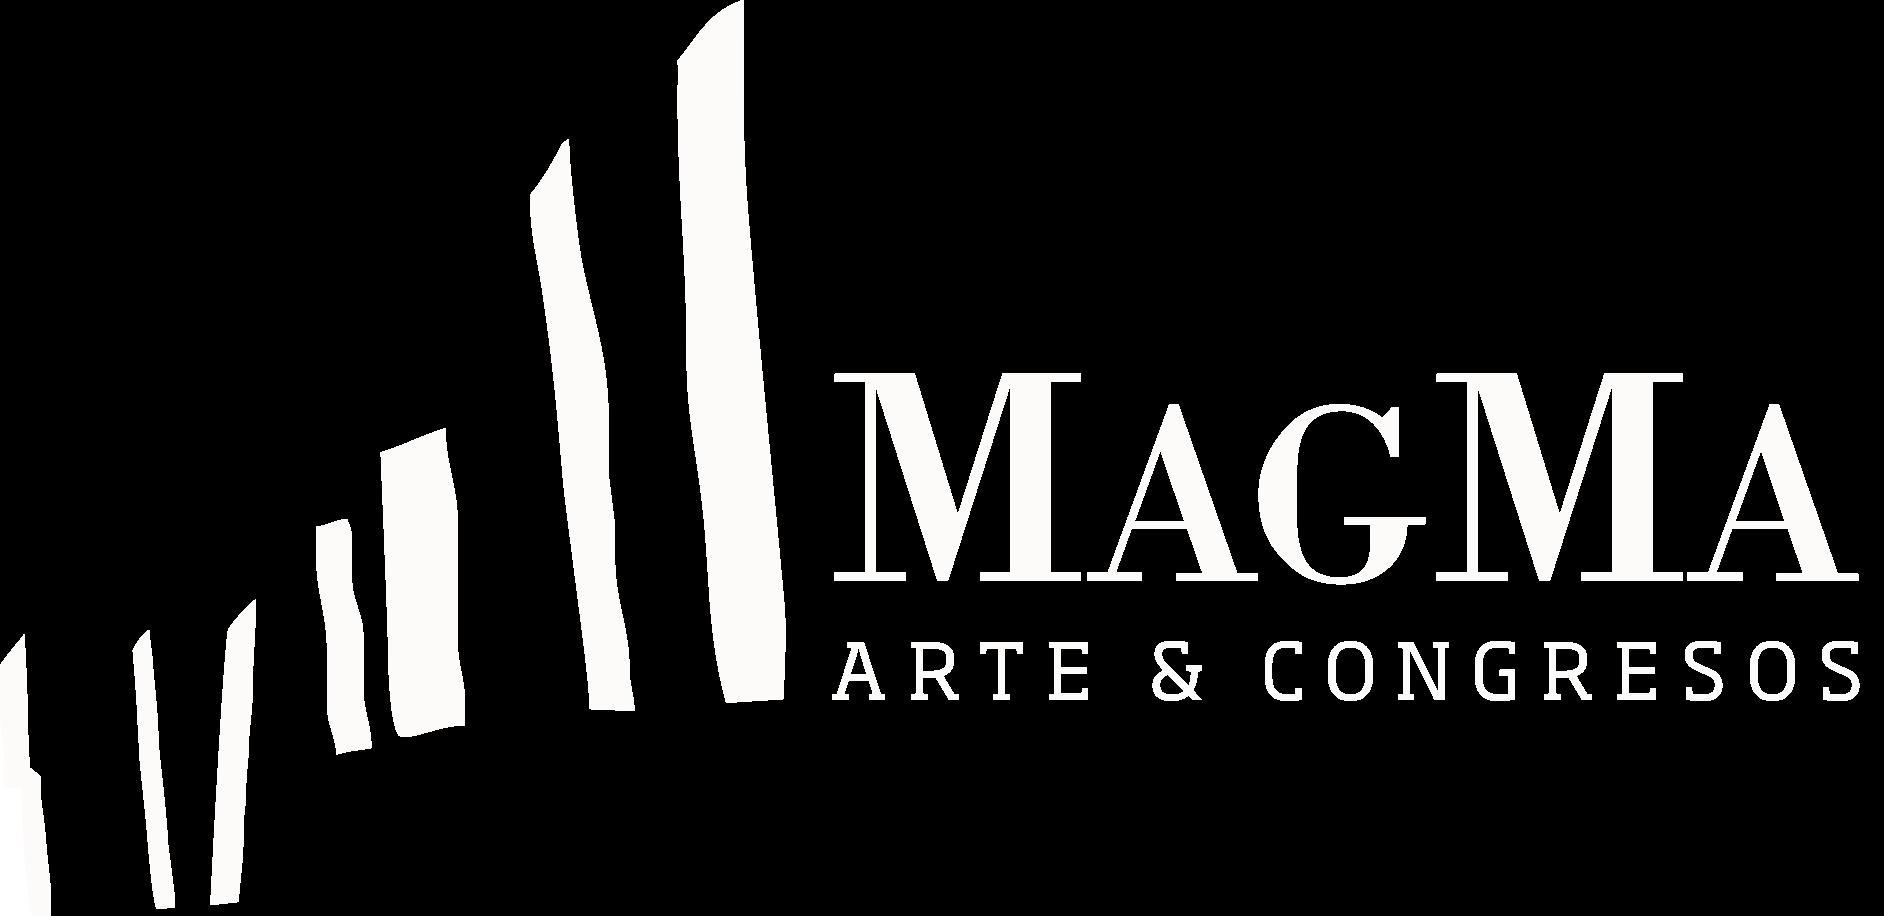 Magma Arte y Congresos